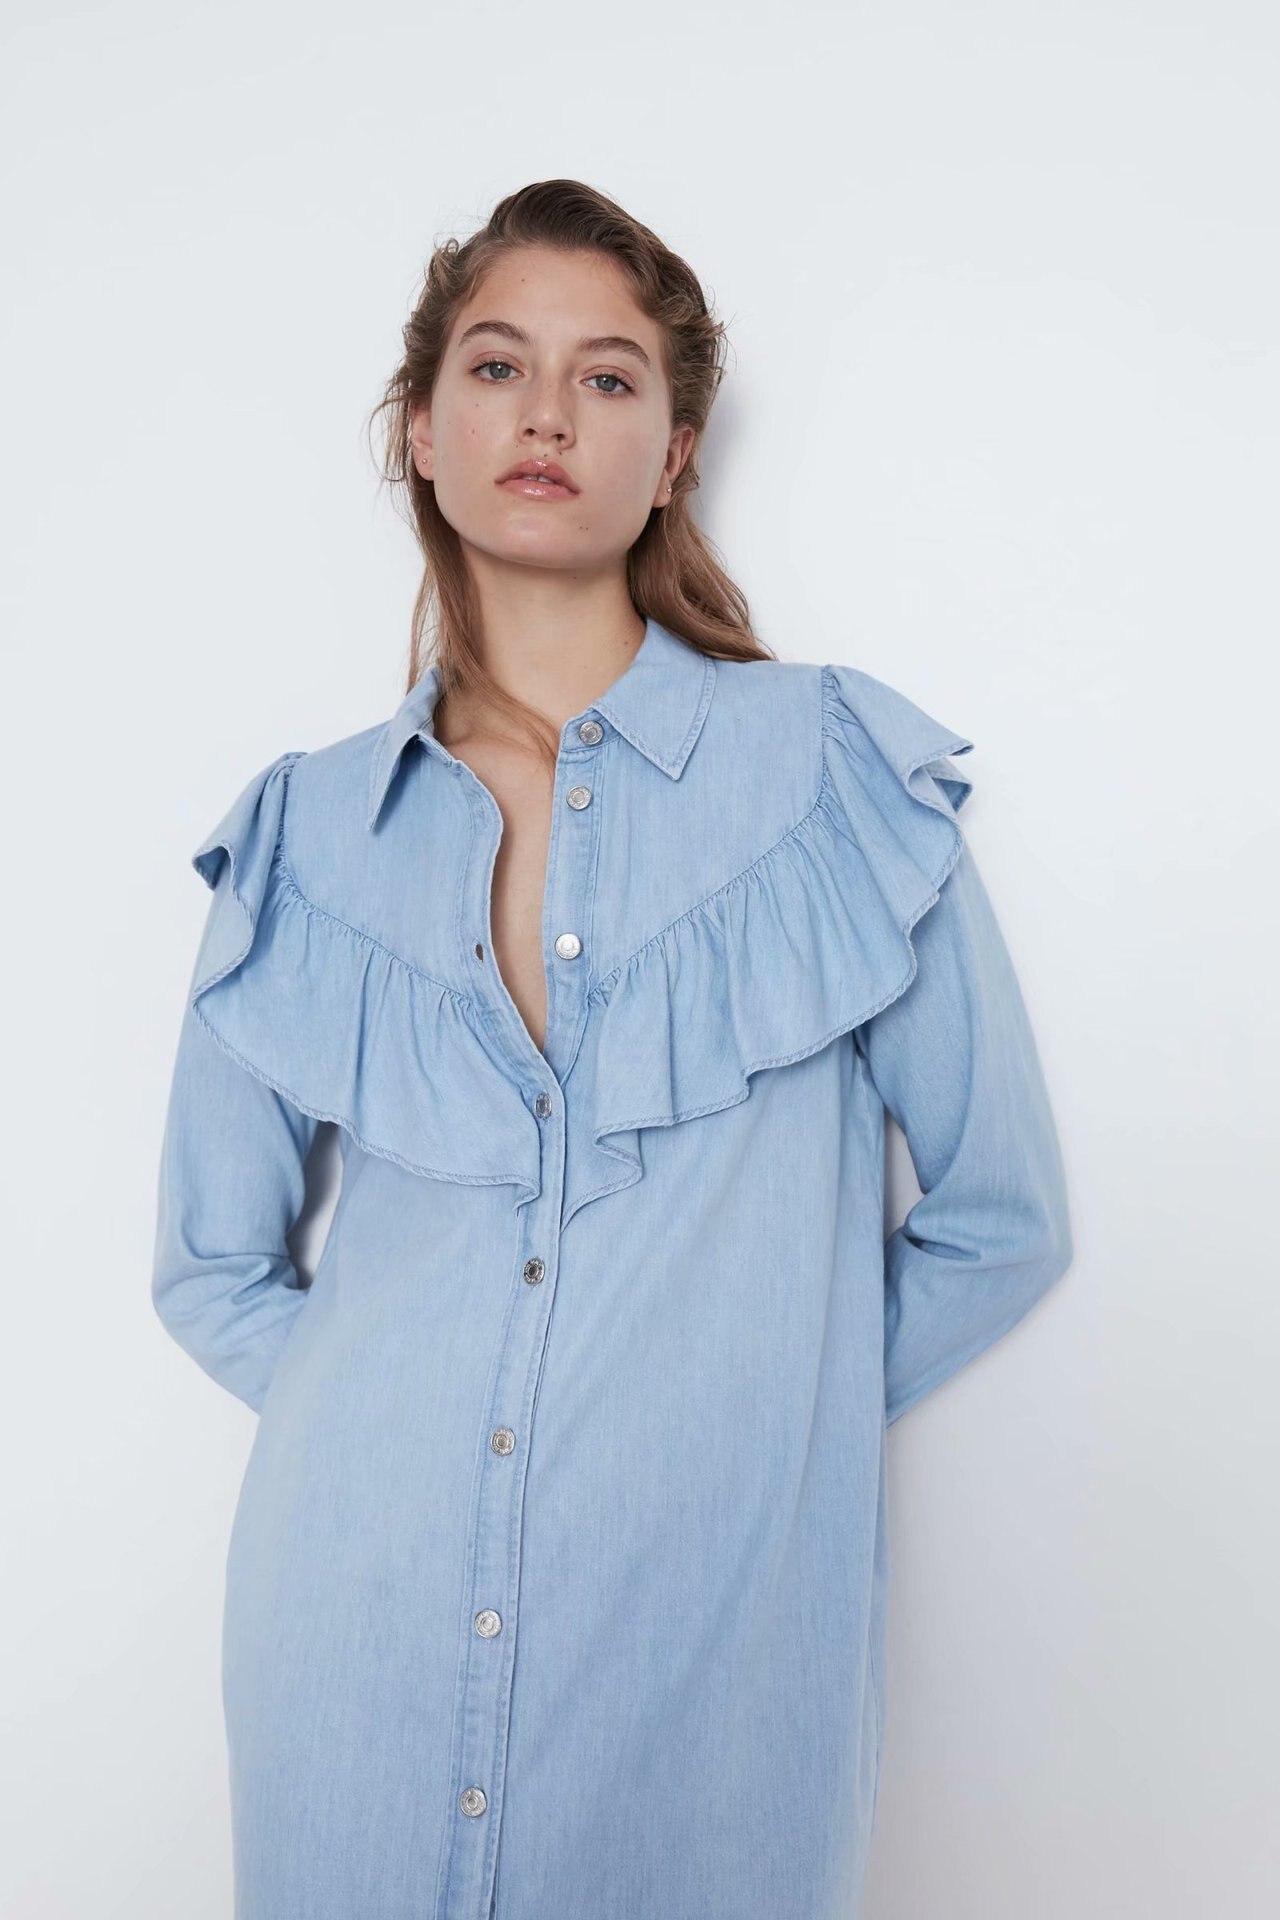 Женское джинсовое платье zaraing vadiming sheining, европейский стиль, весна-лето 2020, HJH2791